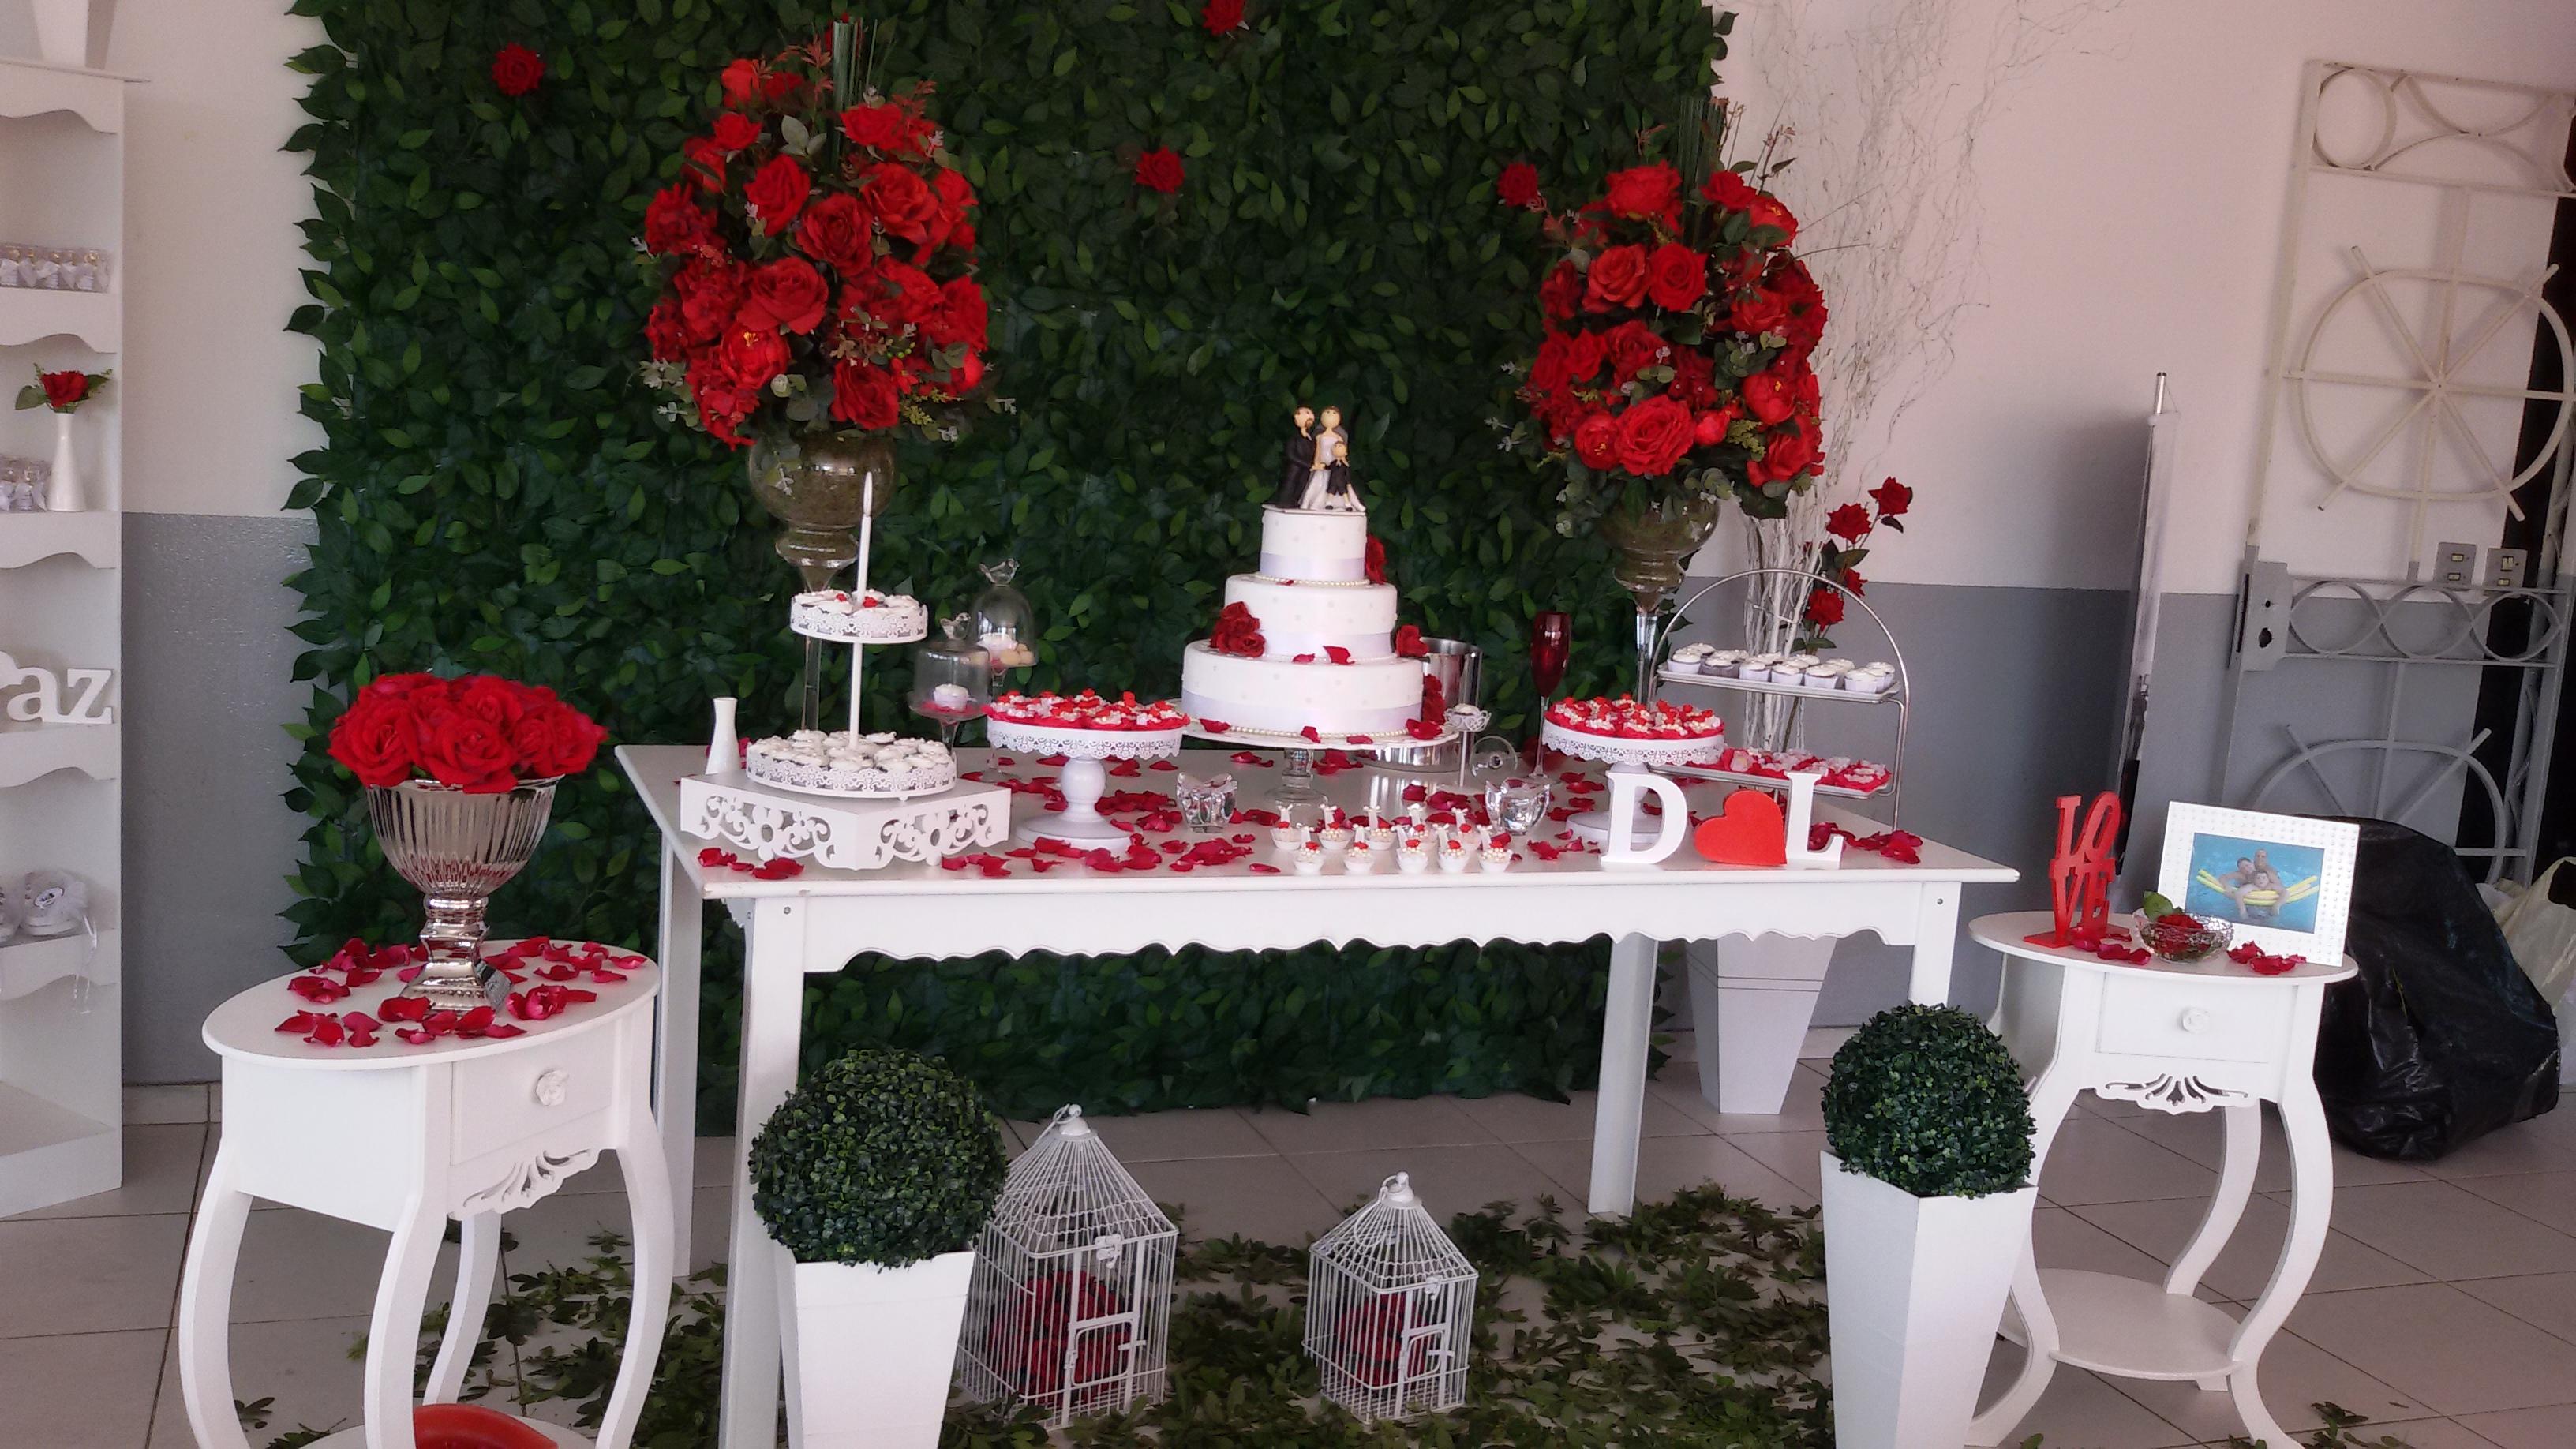 decoracao de casamento vermelho e branco decoracao de casamento